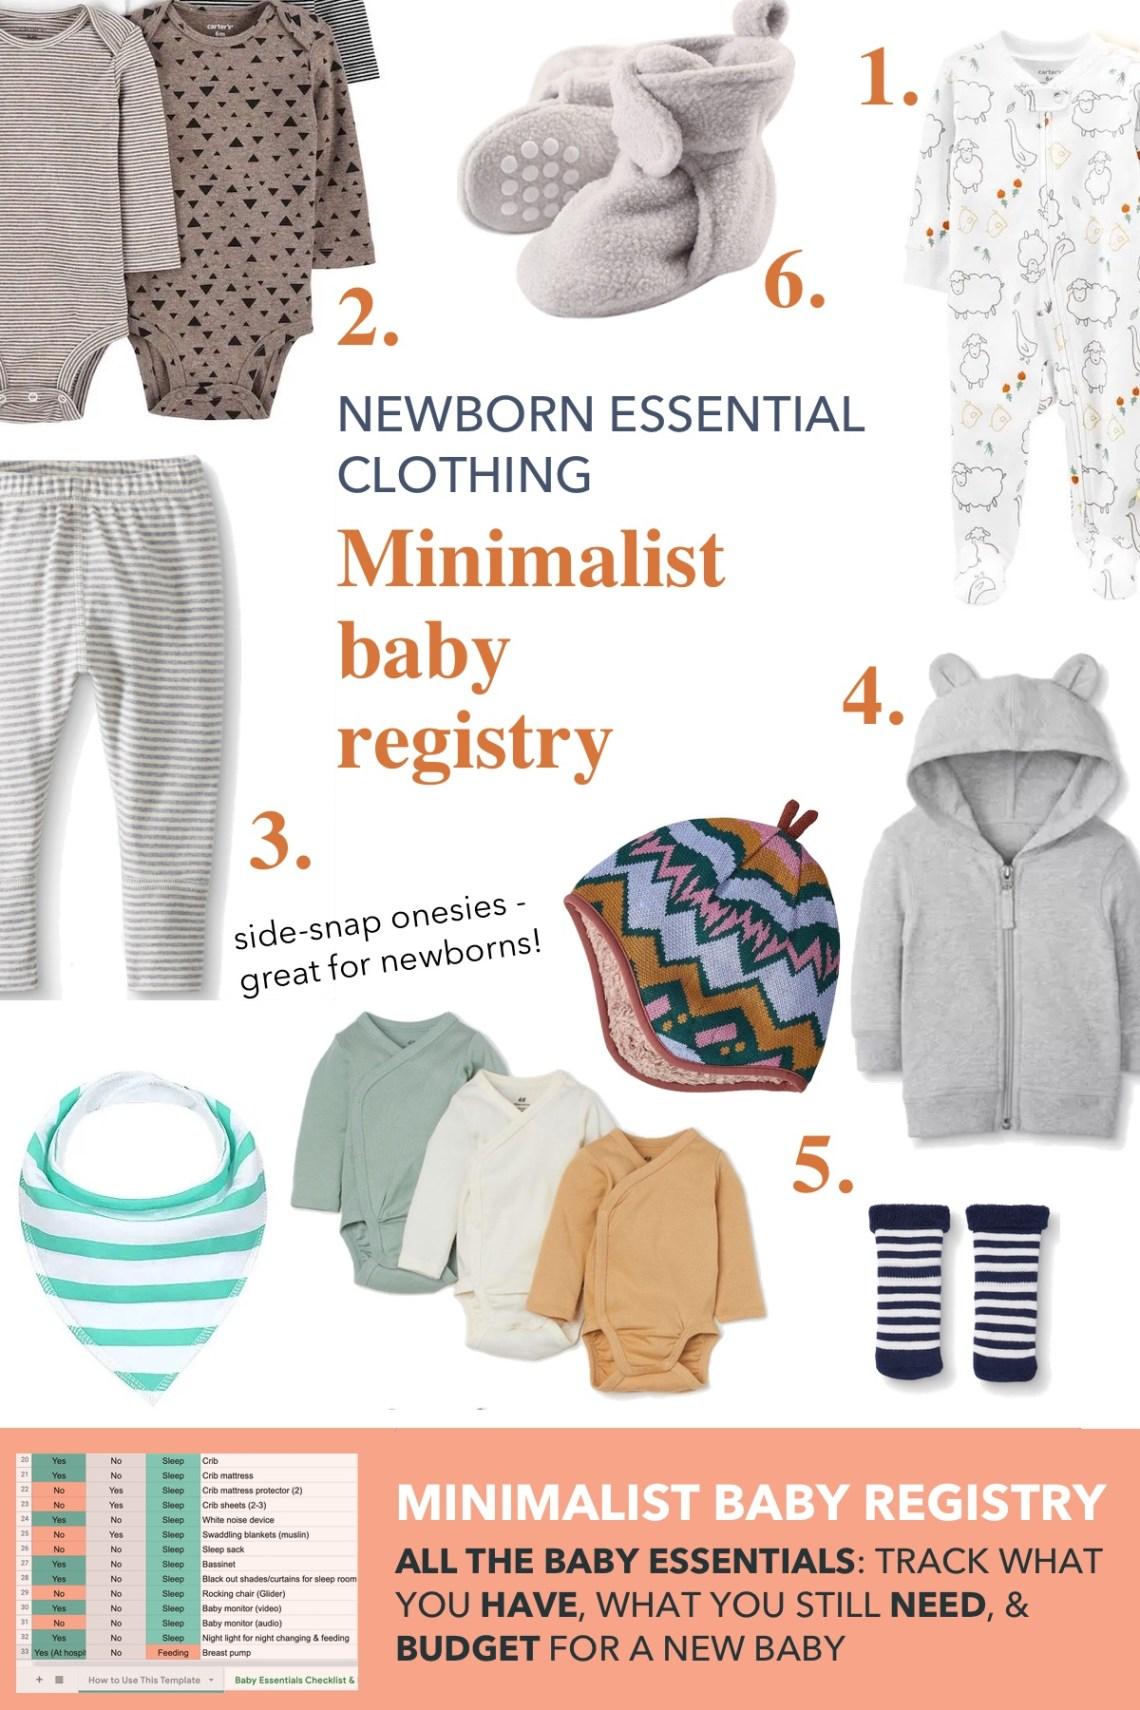 newborn essential clothing for a minimalist baby registry checklist